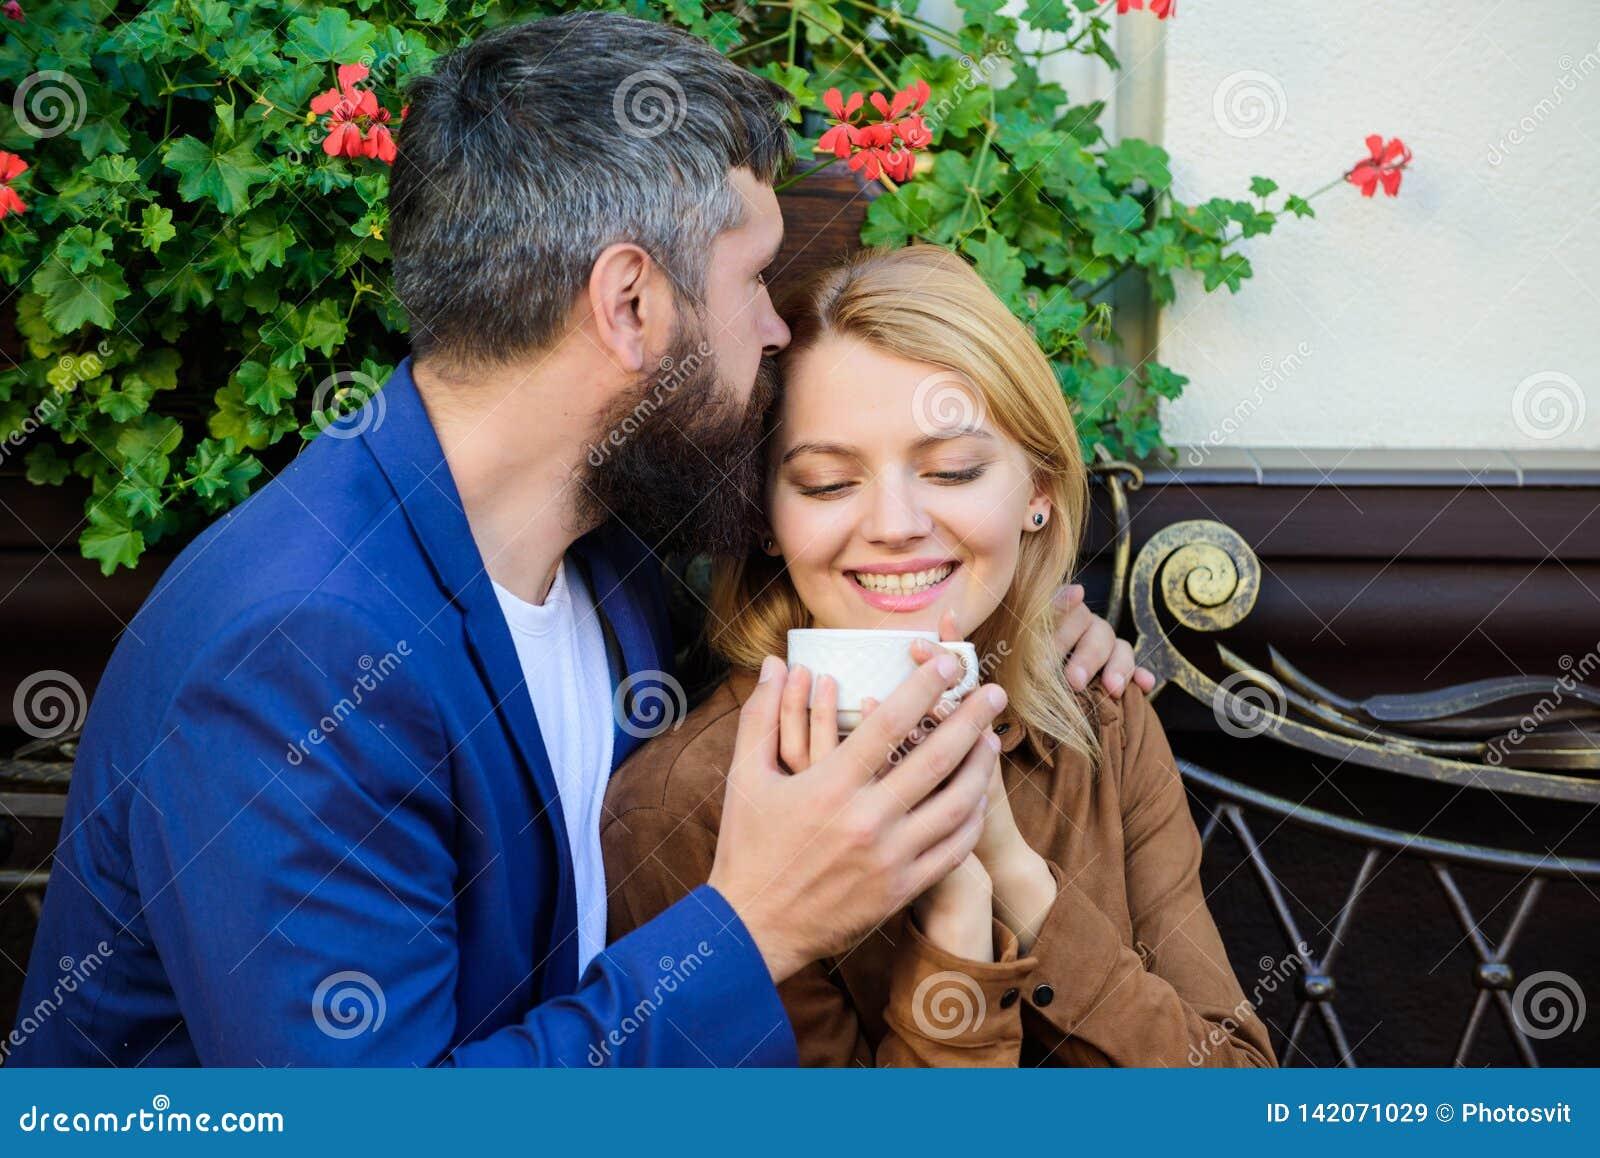 Терраса кафа пар прижимаясь Пары в влюбленности сидят терраса кафа наслаждаются кофе Приятные выходные семьи Исследуйте кафе и